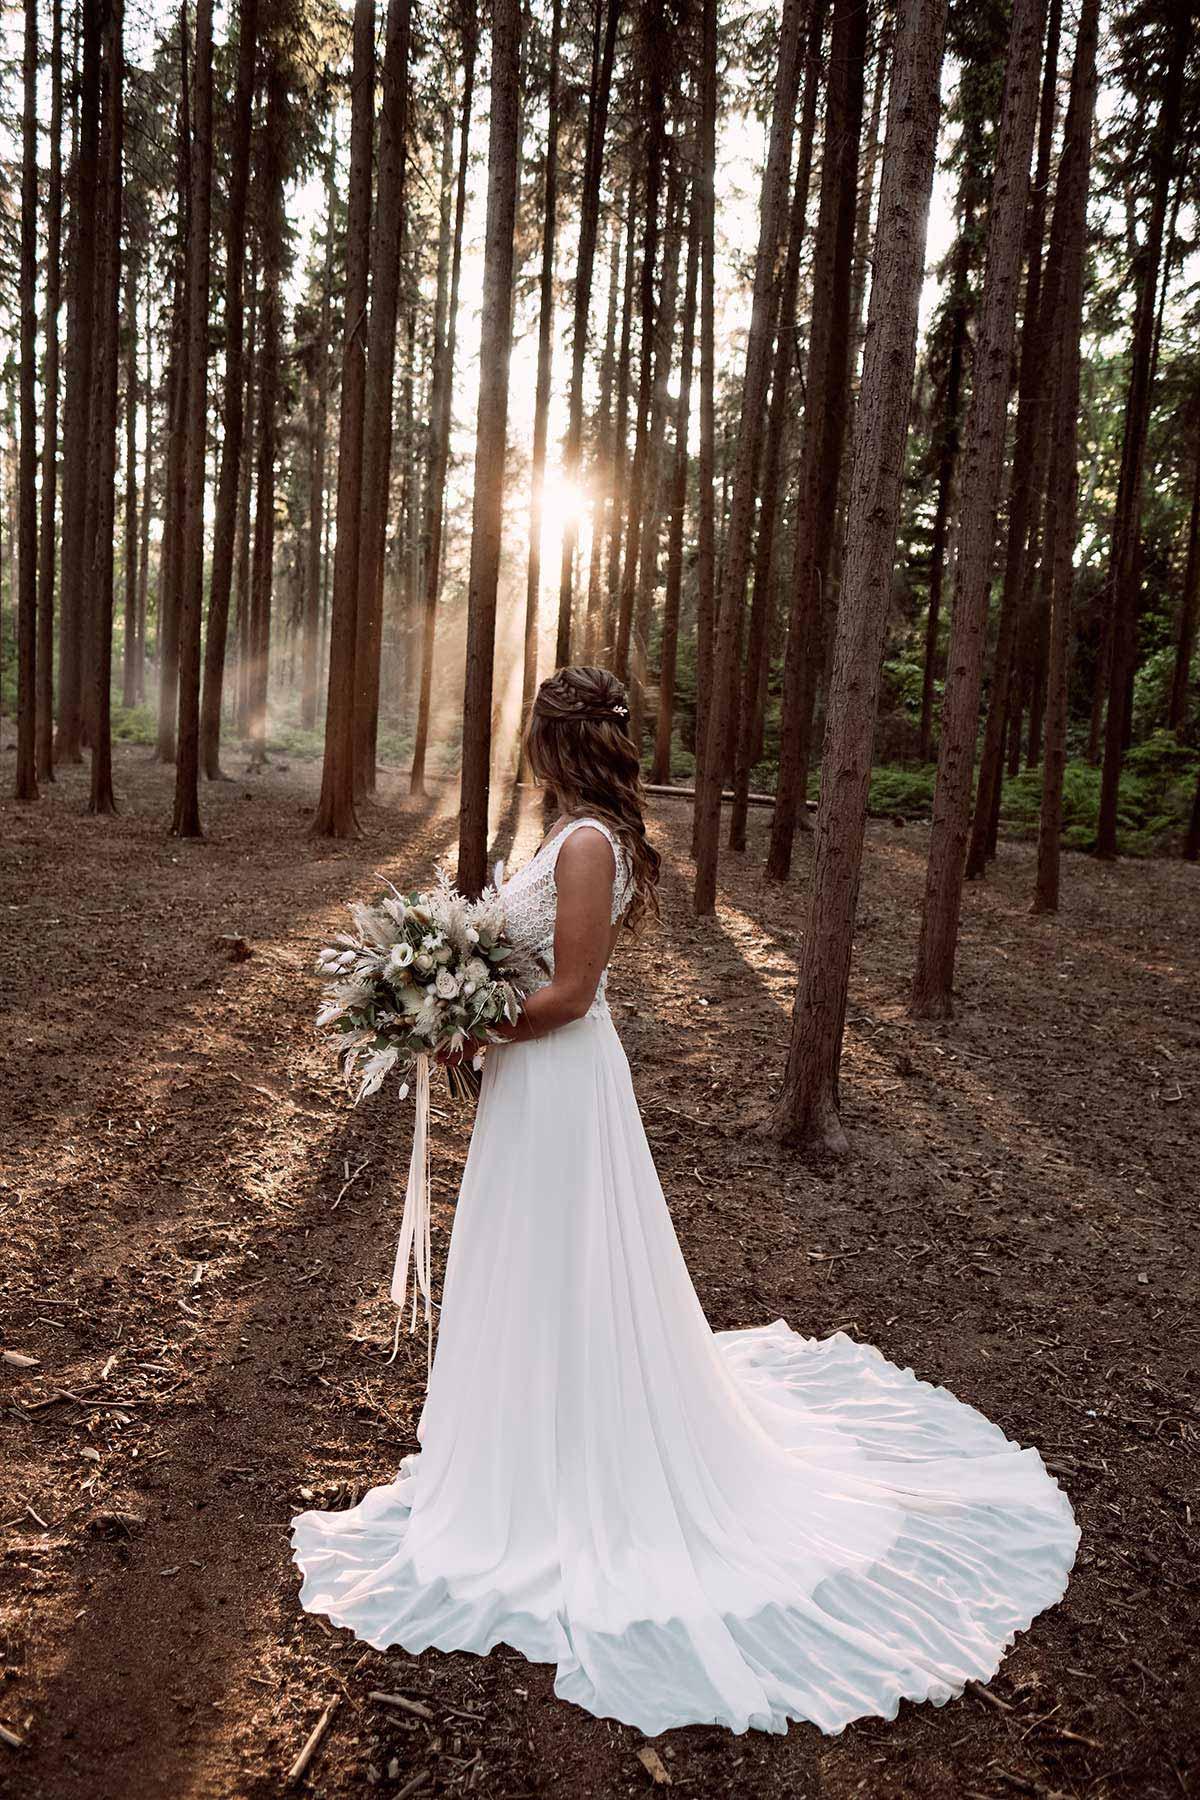 Braut im Brautkleid und Brautstrauß im Wald